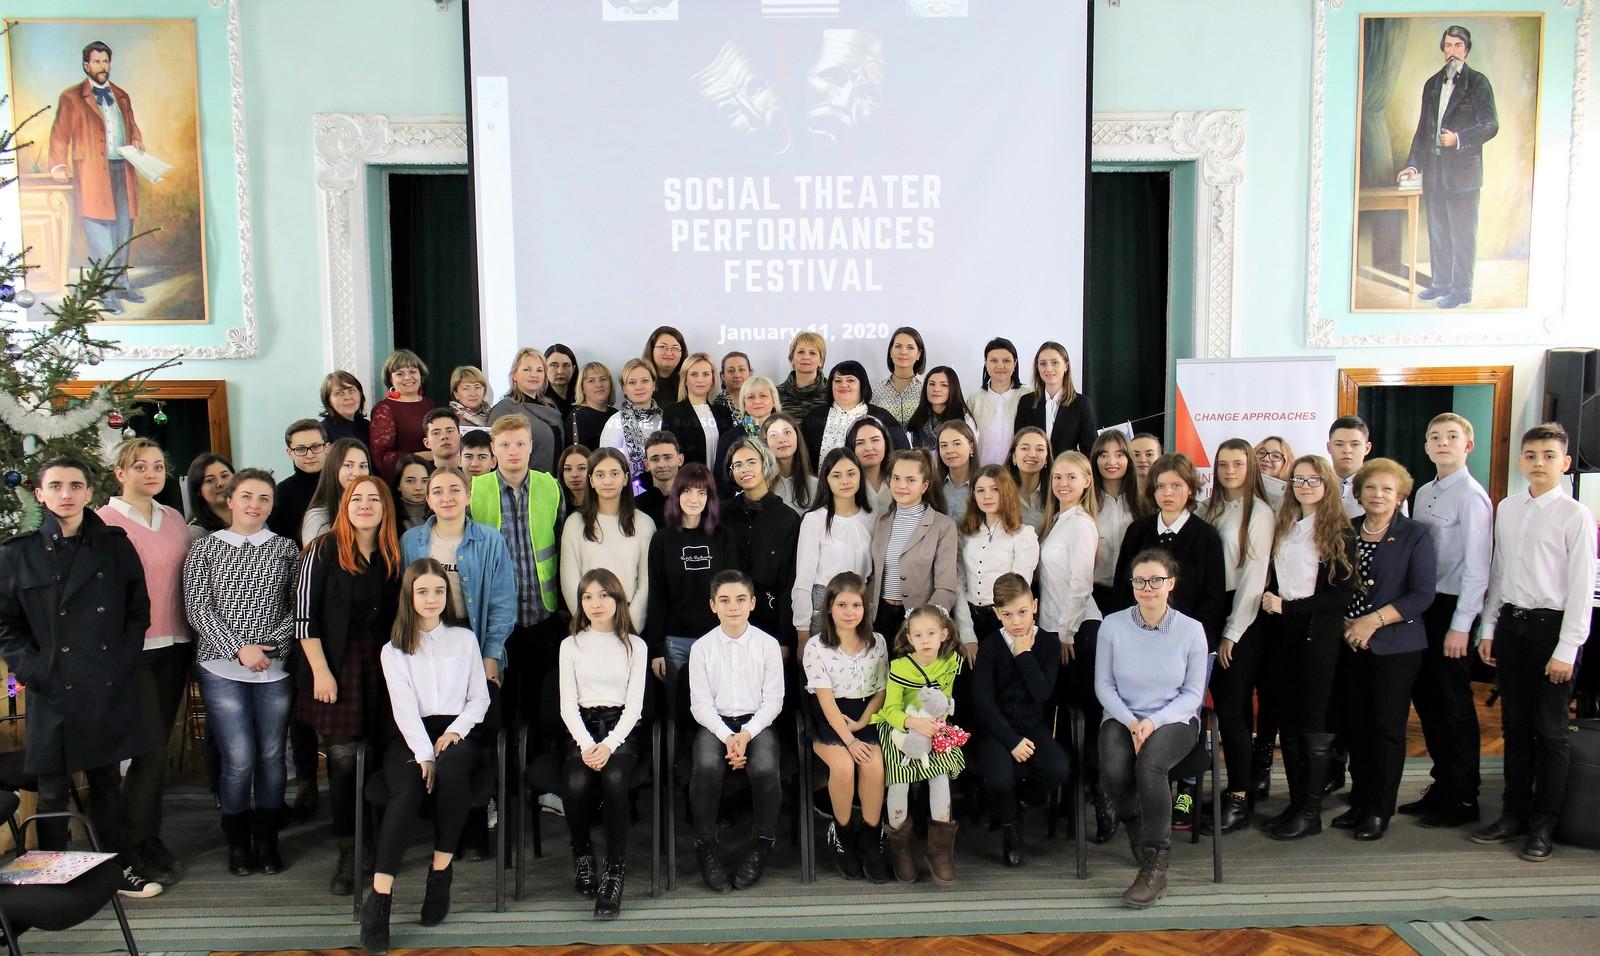 Promovarea unor valori americane prin intermediul teatrului social